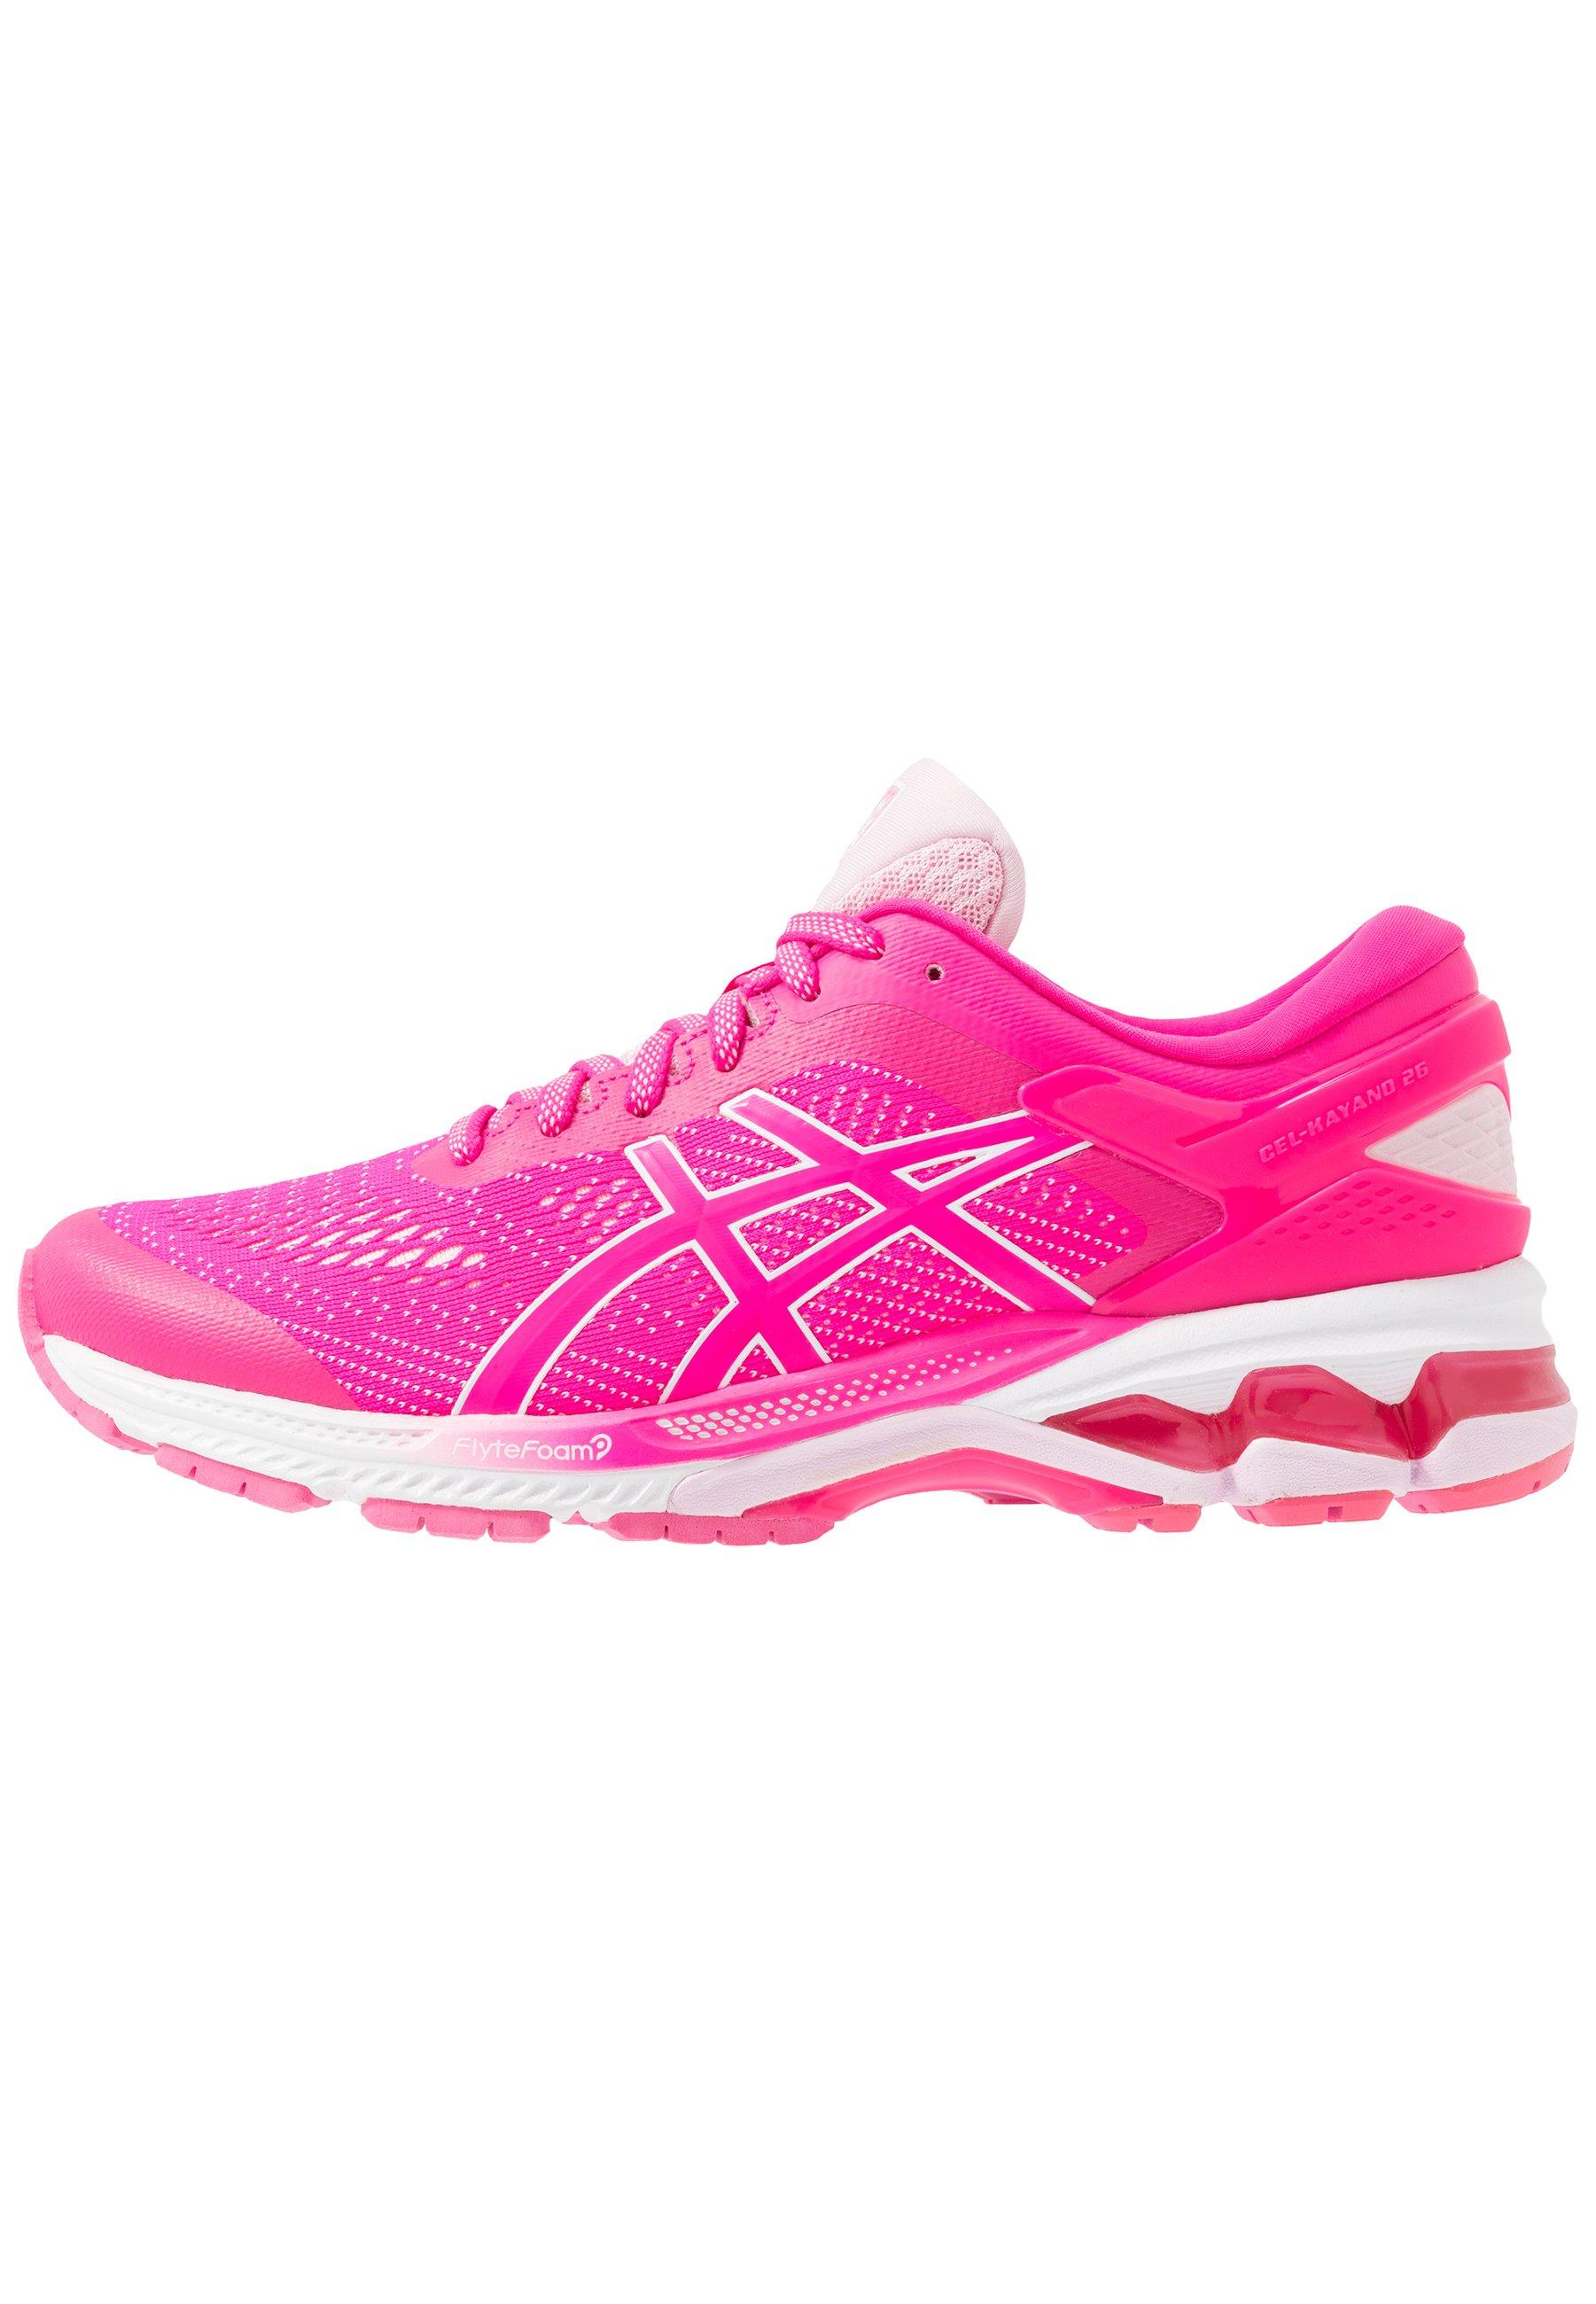 GEL KAYANO 26 Scarpe da corsa stabili pink glocotton candy